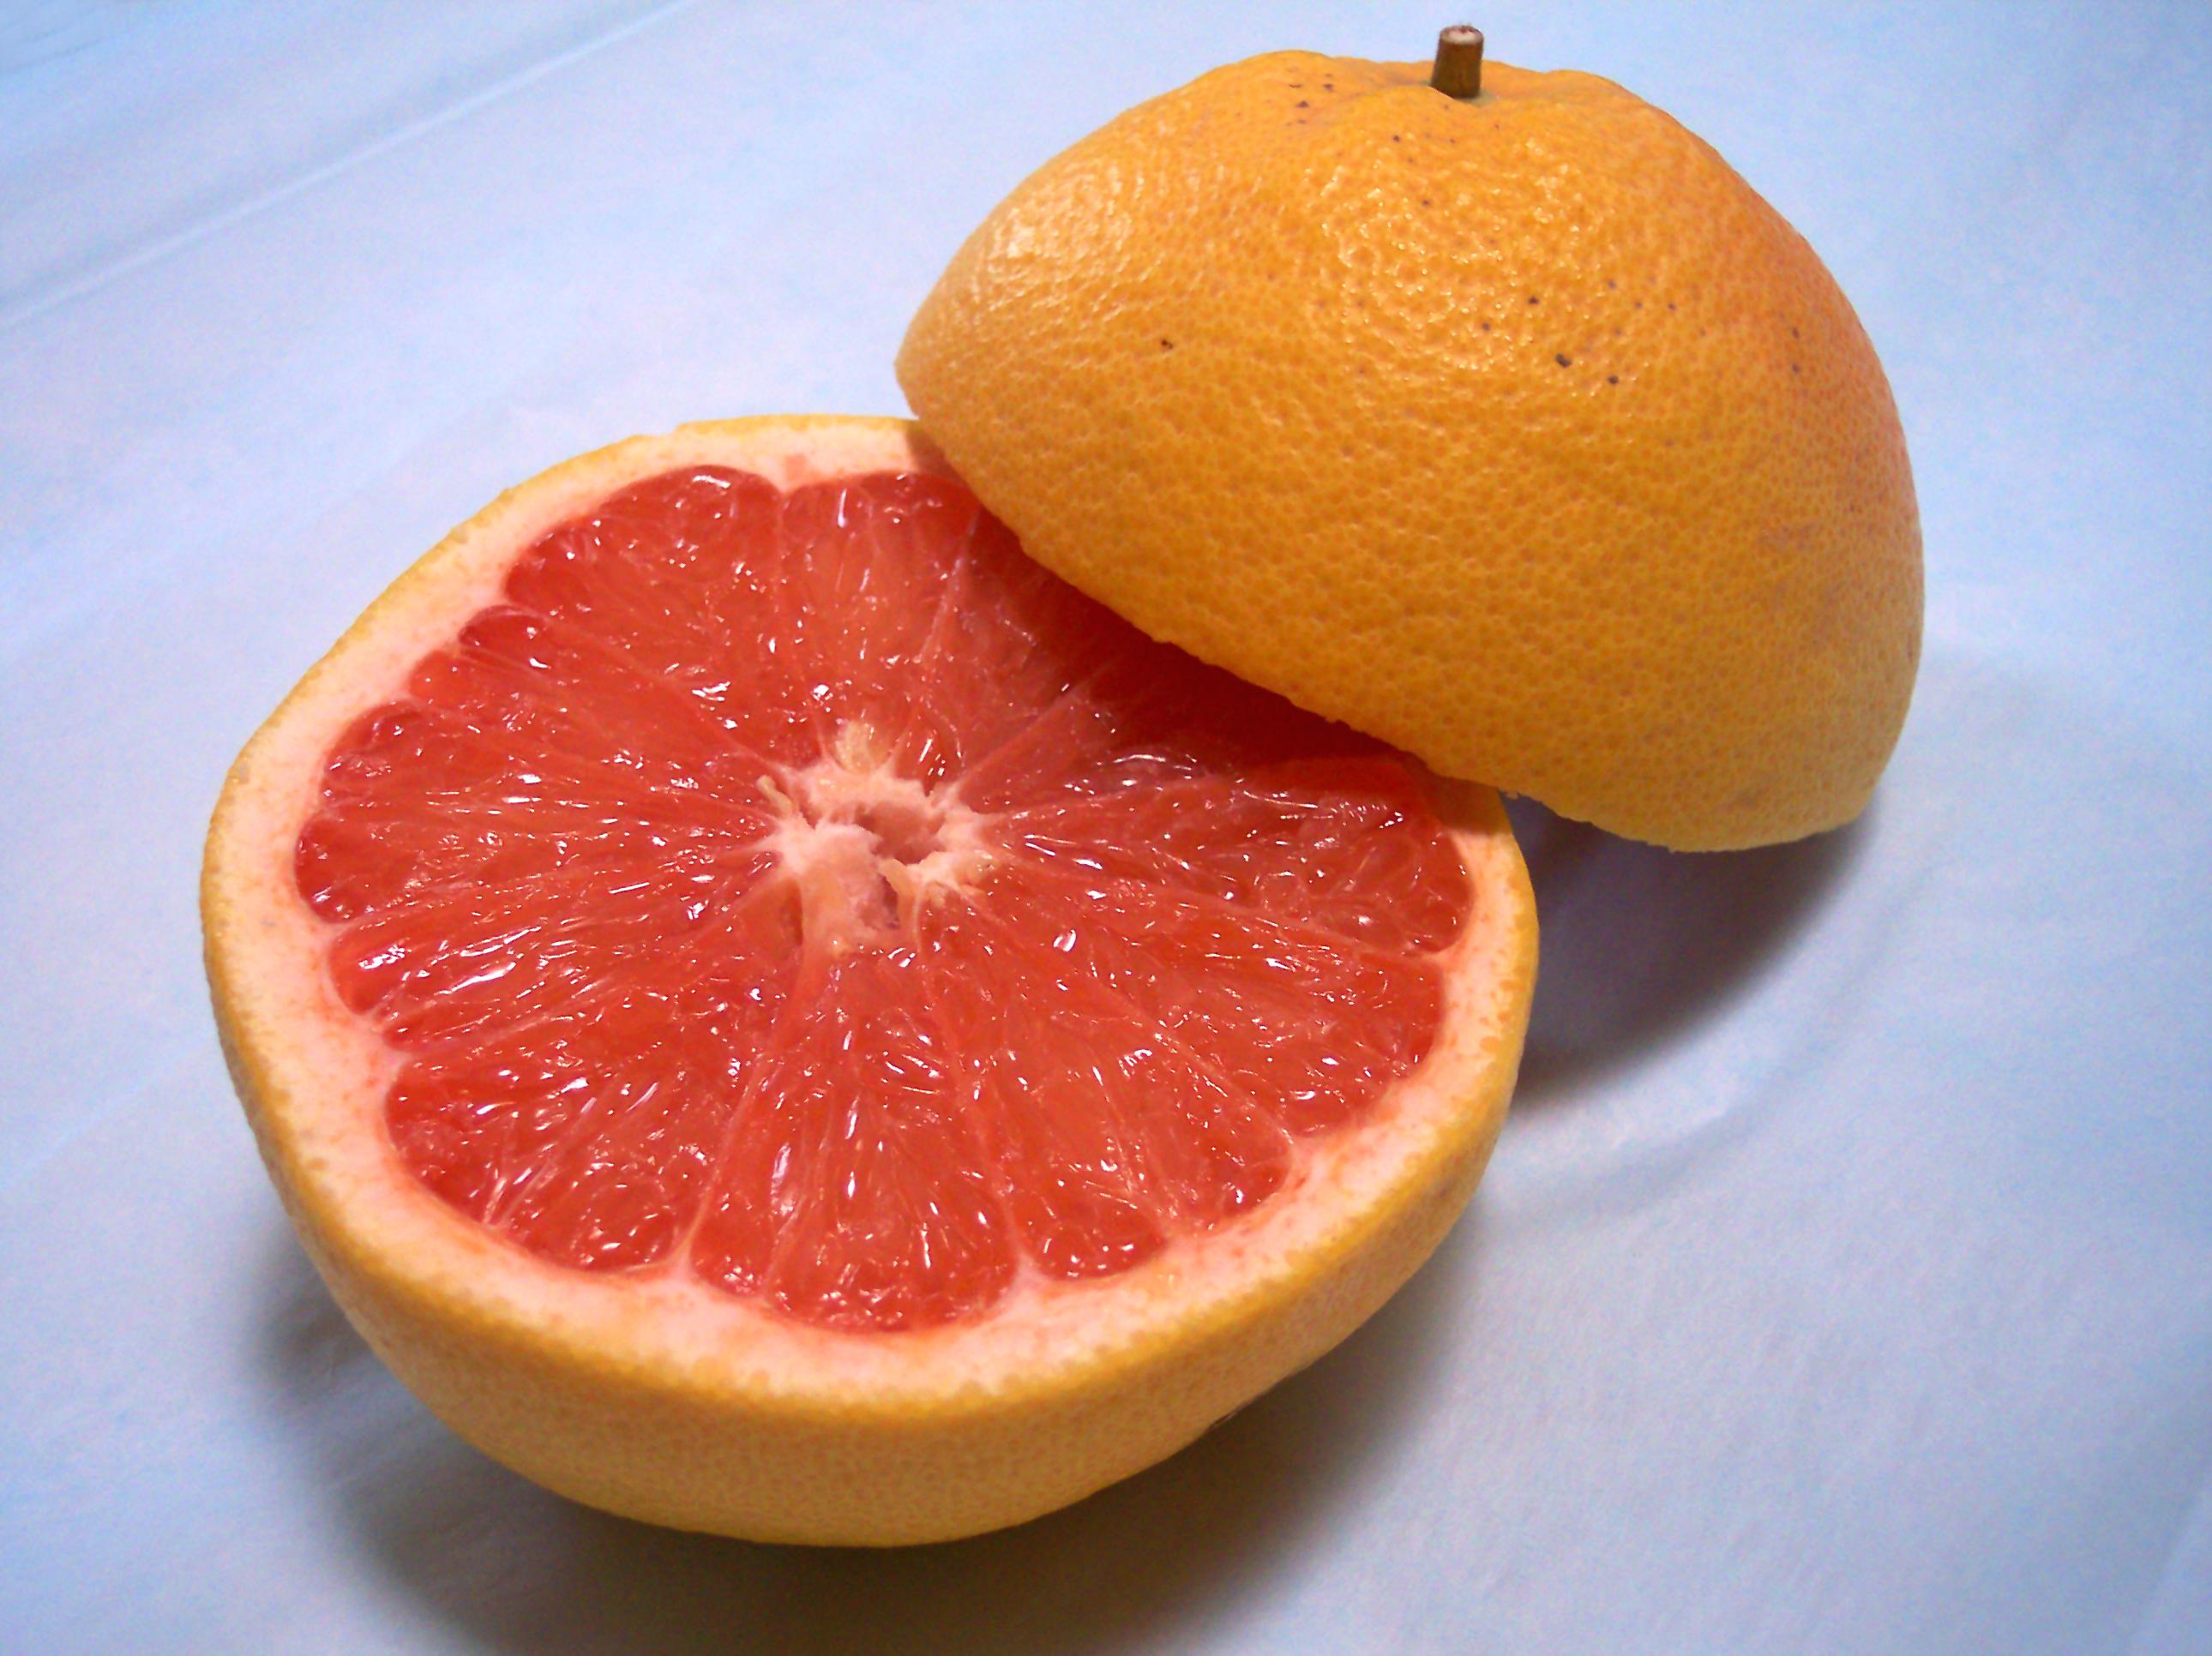 Le microorganisme végétal le traitement avec les préparations de pharmacie